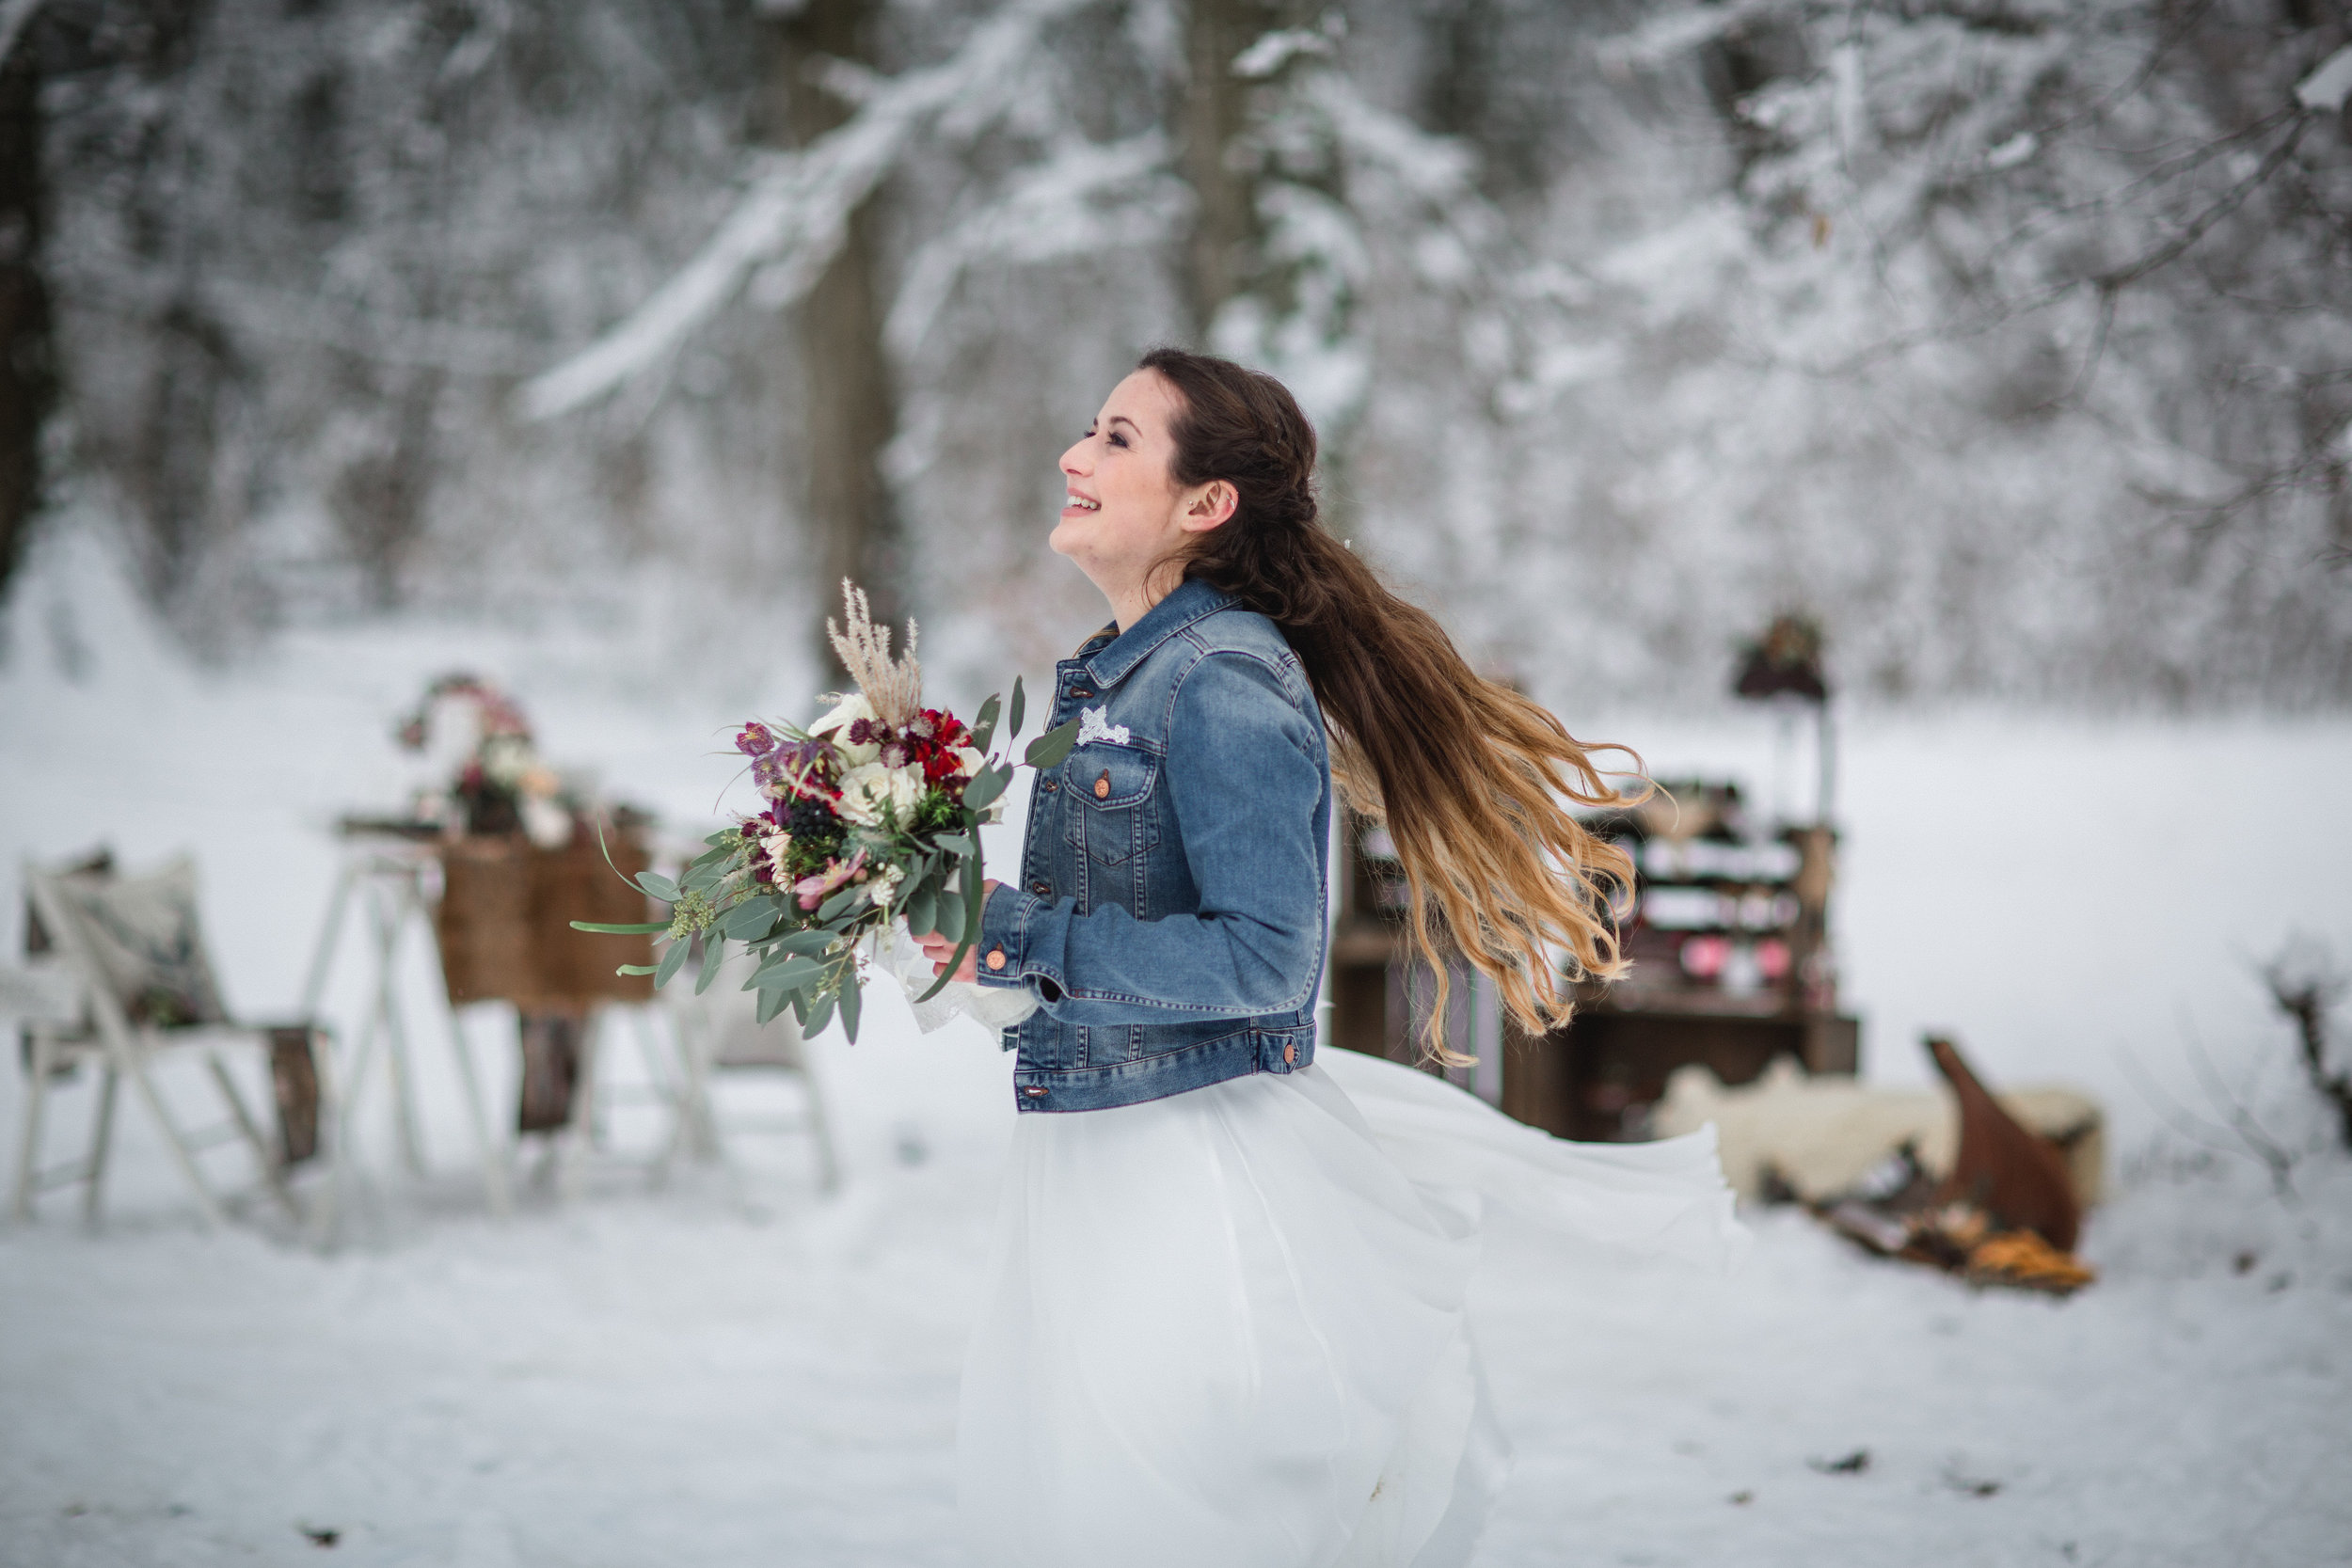 yessica-baur-fotografie-styleshooting-huskies-4275.JPG